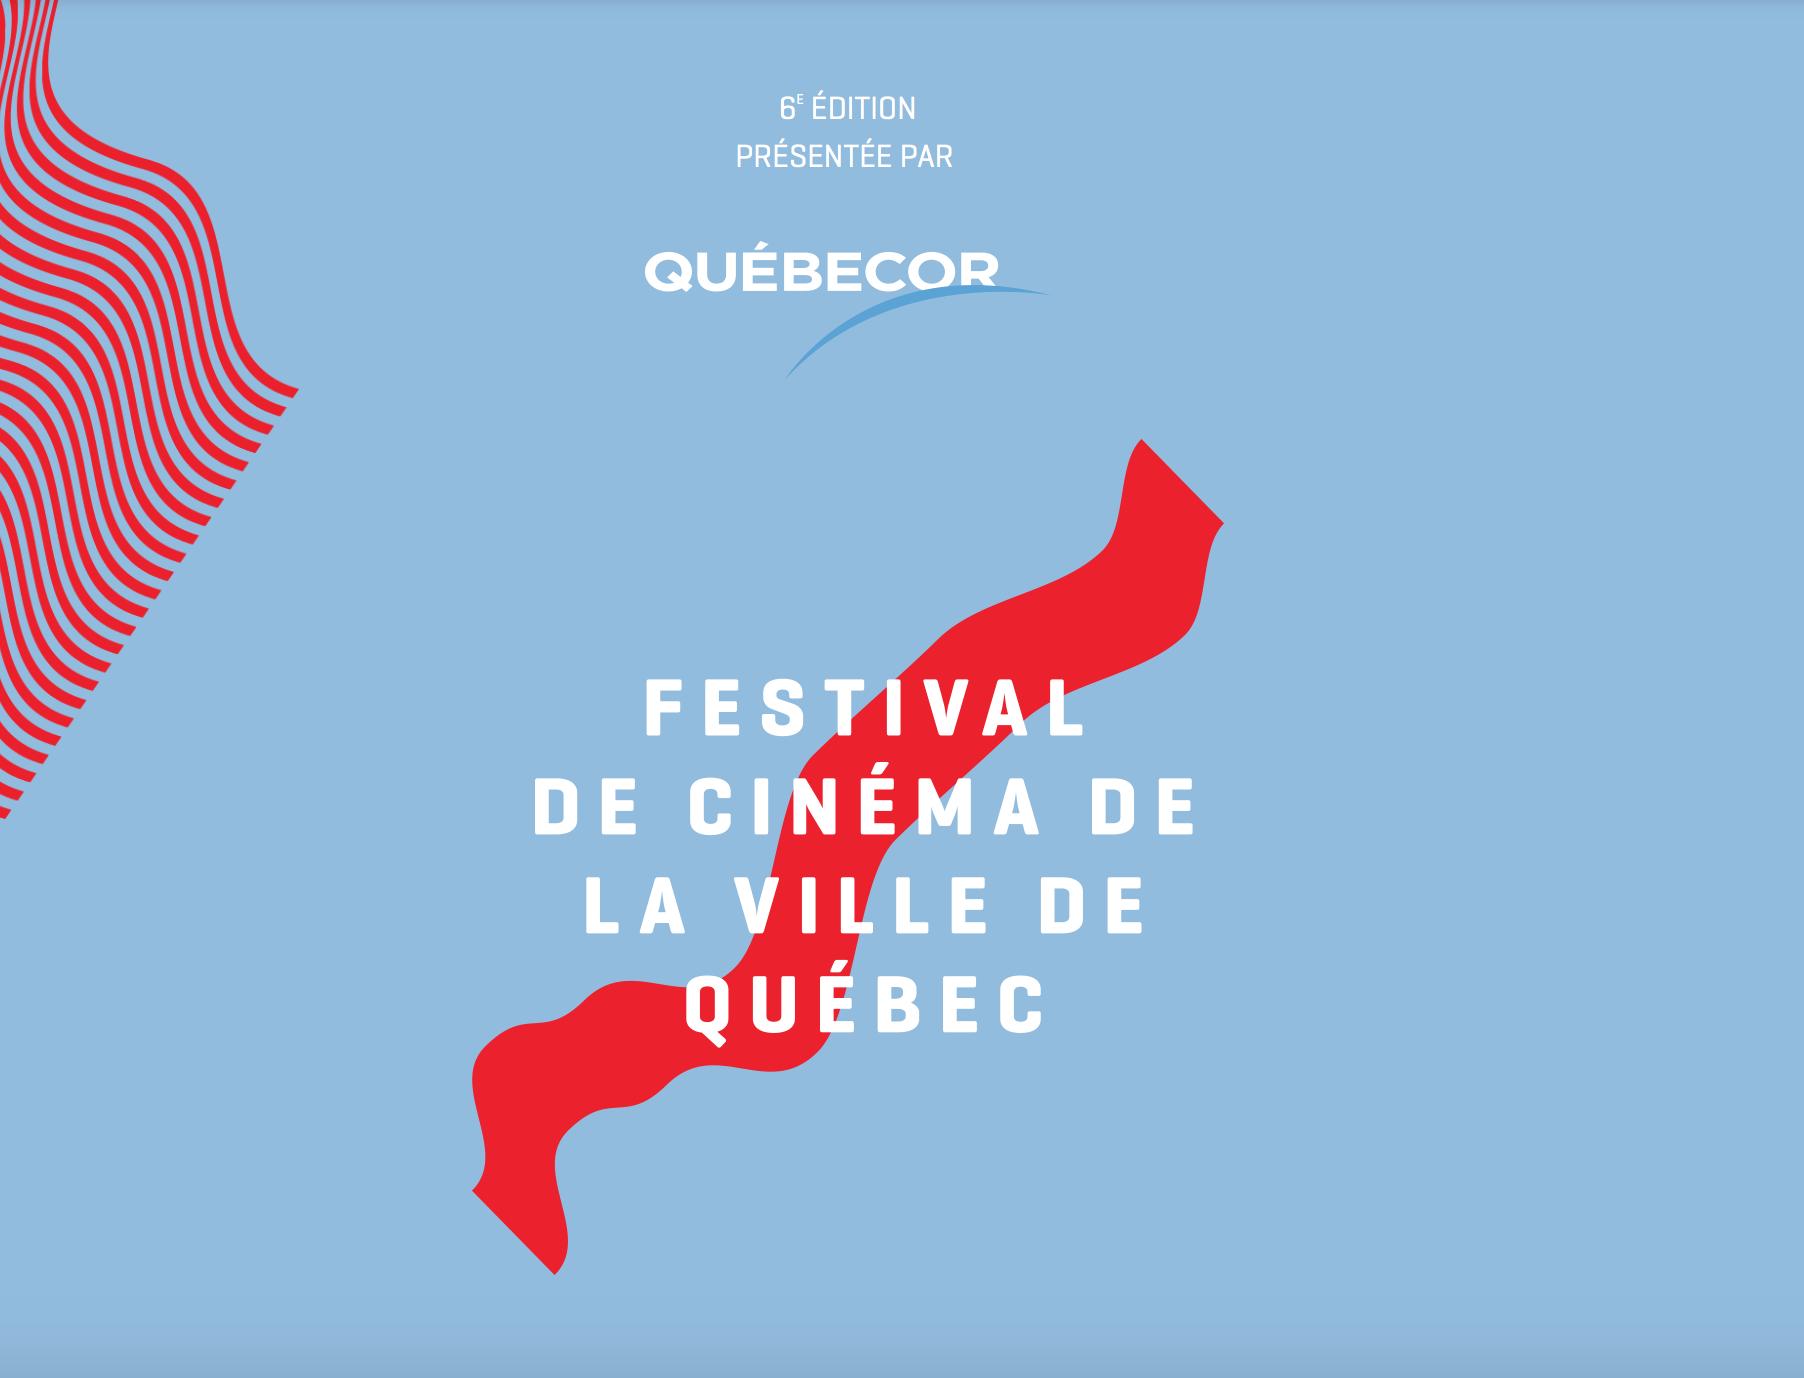 Jury du Festival de cinéma de la ville de Québec 2016